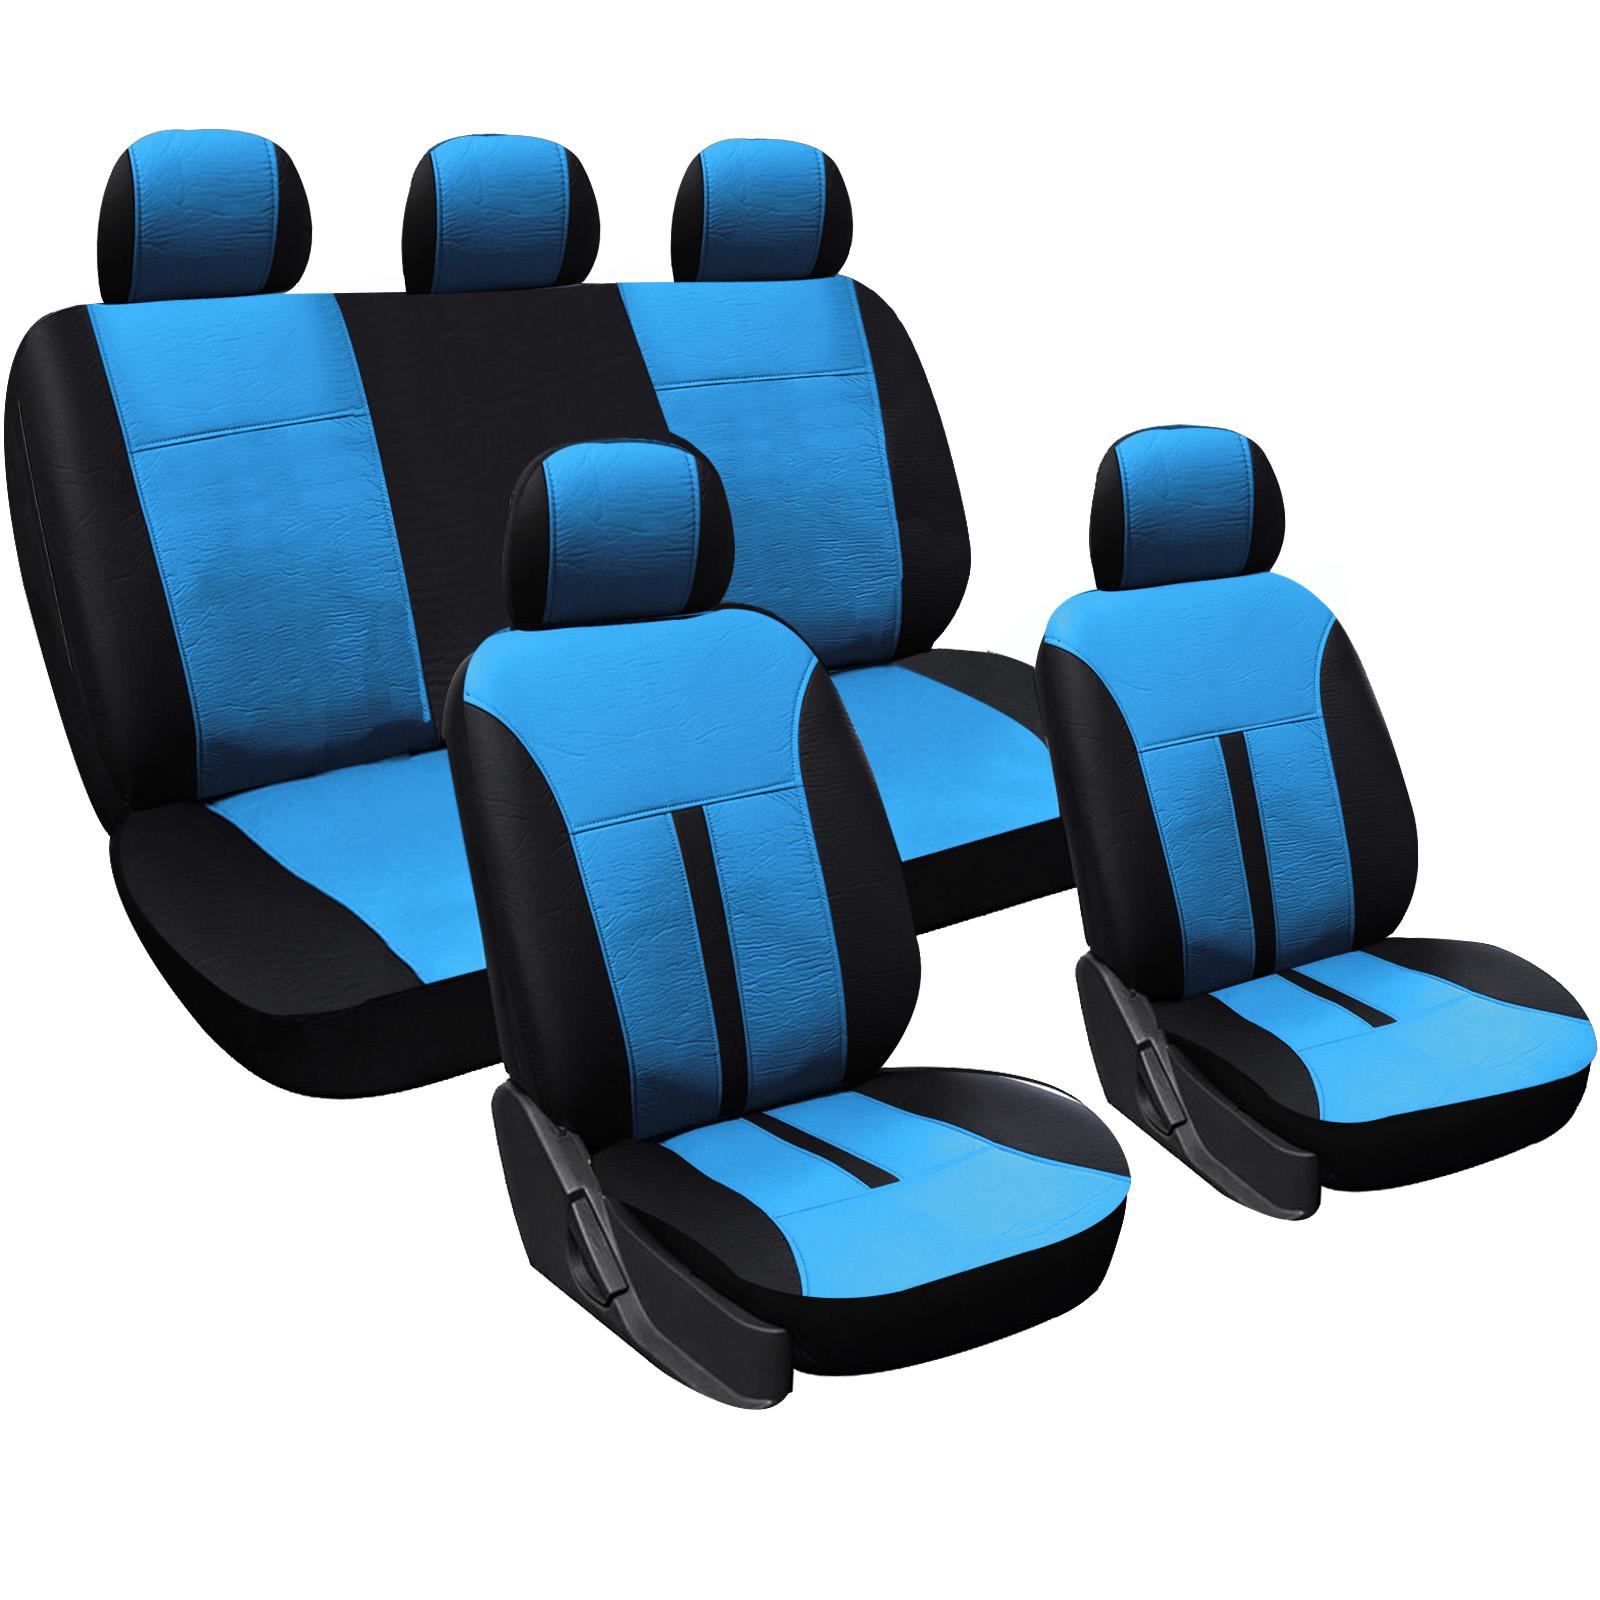 sitzbezug sitzbez ge auto schoner kunstleder f r pkw ohne. Black Bedroom Furniture Sets. Home Design Ideas